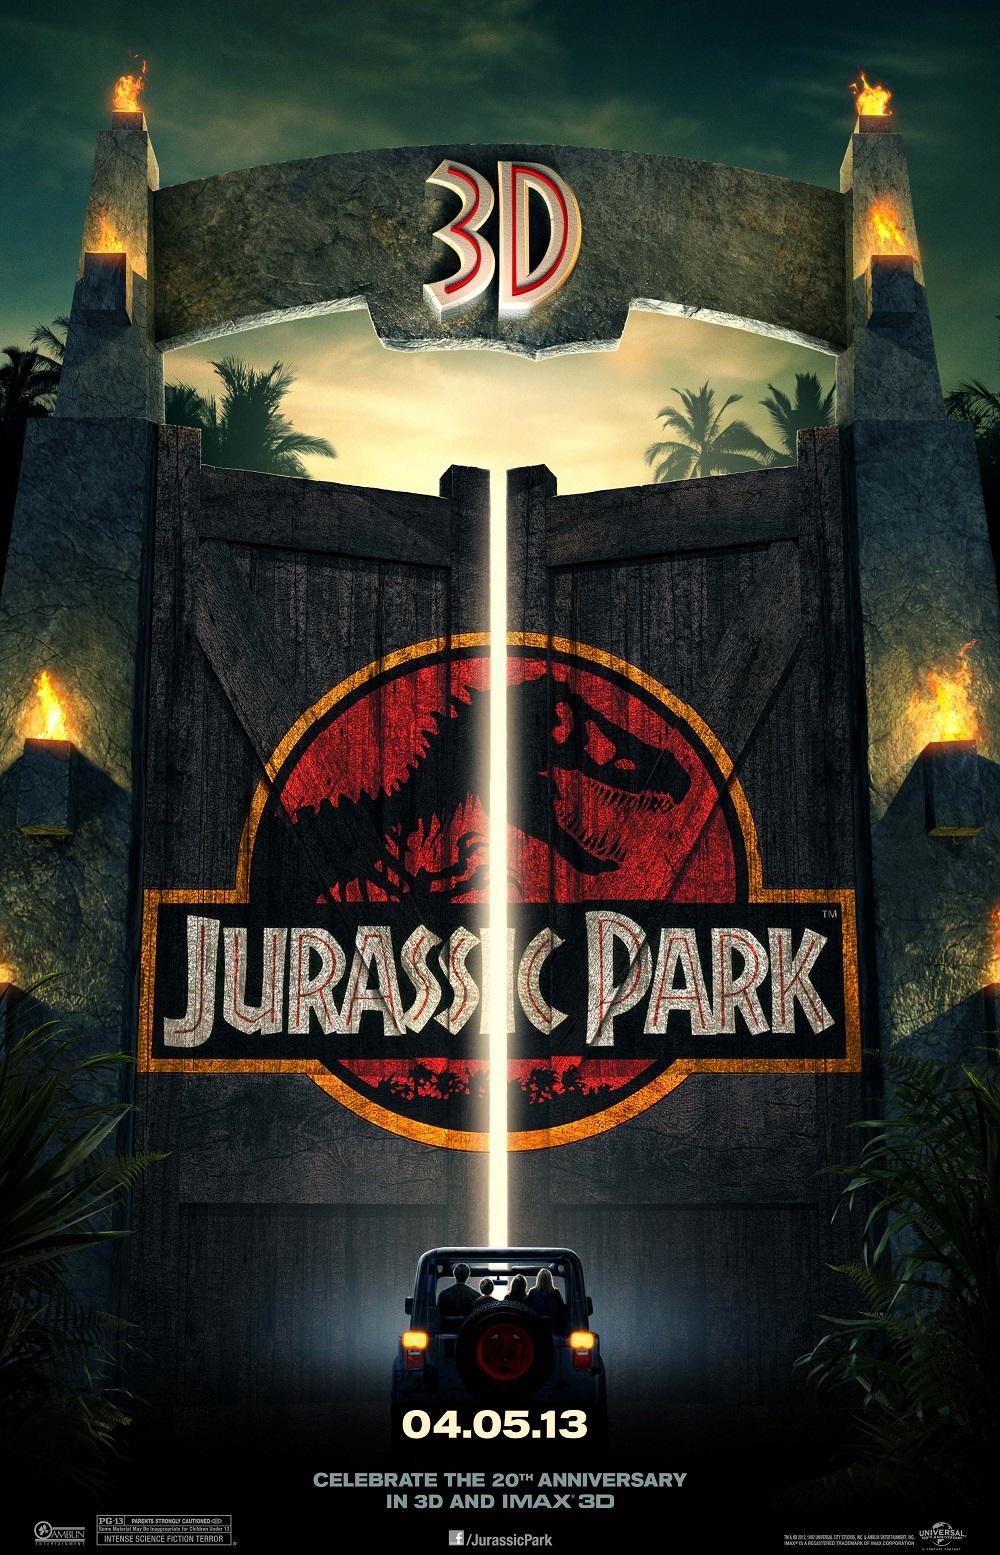 """4.""""Джурасик Парк"""" (комерсиален филм) – Почти 20 години след като сблъсква света с акулата от """"Челюсти"""", Спилбърг смайва зрителите с приключенски филм, въртящ се около динозаври в модерен резерват. Визуалните ефекти зашеметяват, а паметните реплики и моменти от филма следват една след друга. Тази година очакваме поредното попълнение към поредицата, озаглавено """"Джурасик Свят: Рухналото кралство""""."""